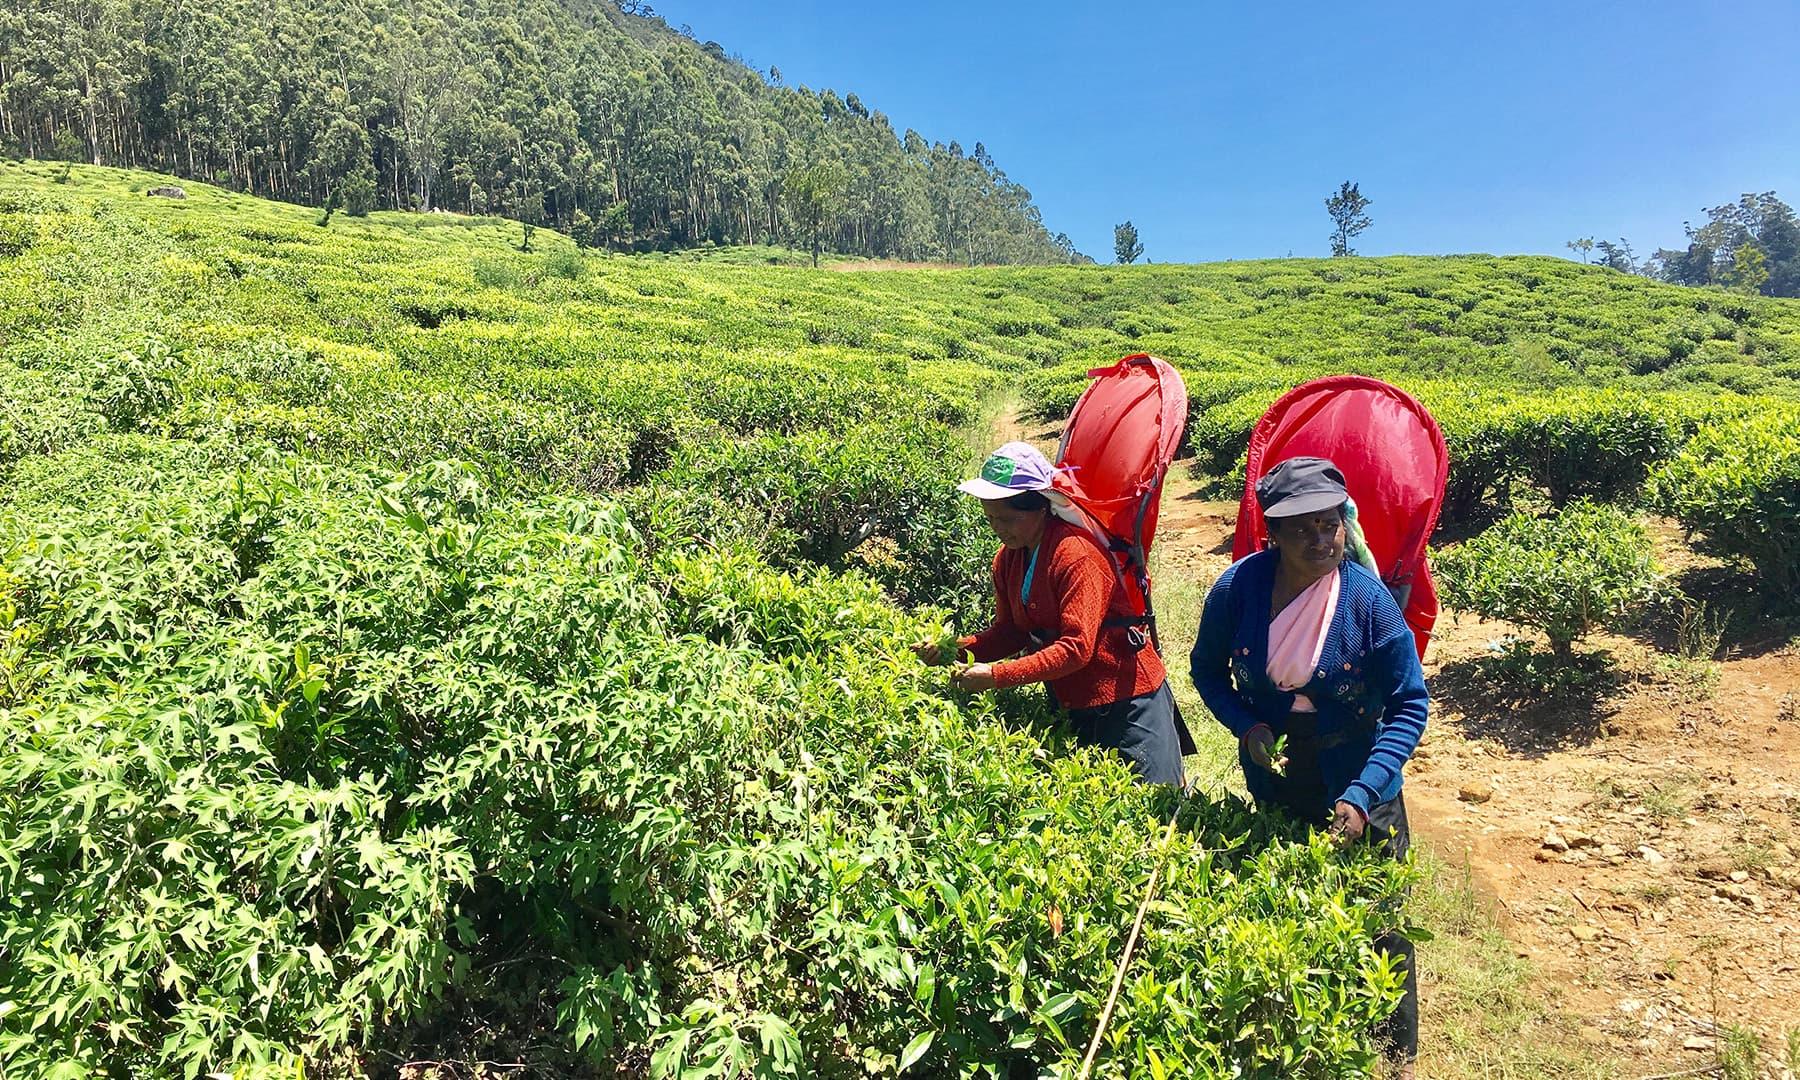 چائے کے پتے چننے والی خواتین—تصویر امتیاز احمد